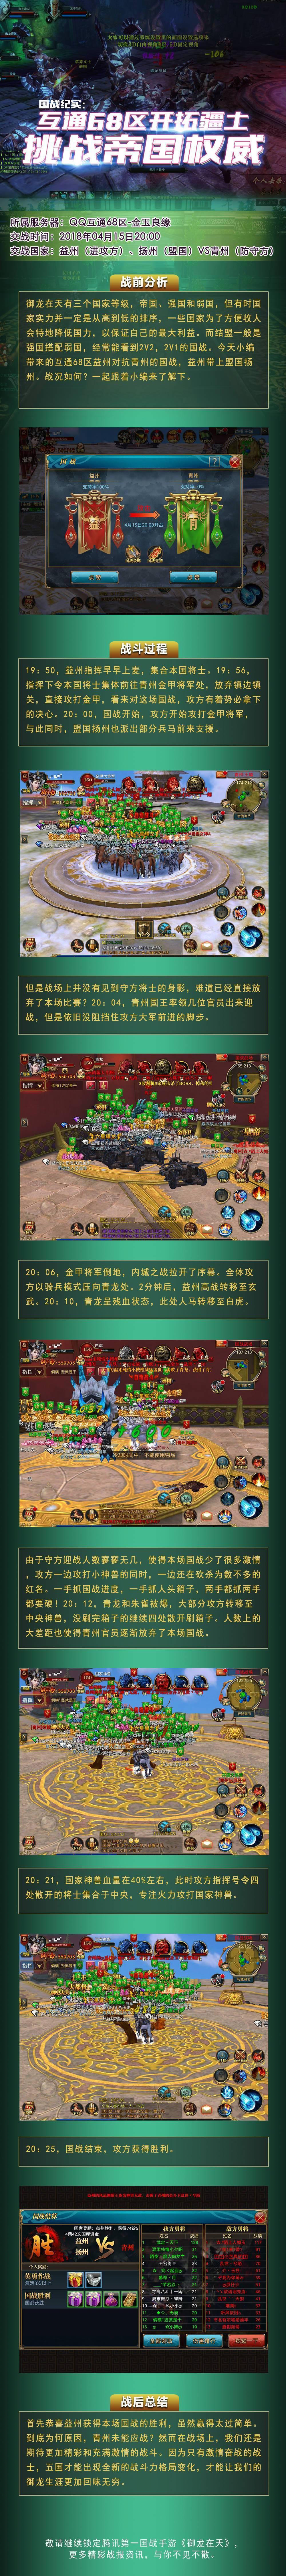 《御龙在天手游》战报:互通68区开拓疆土,挑战帝国权威